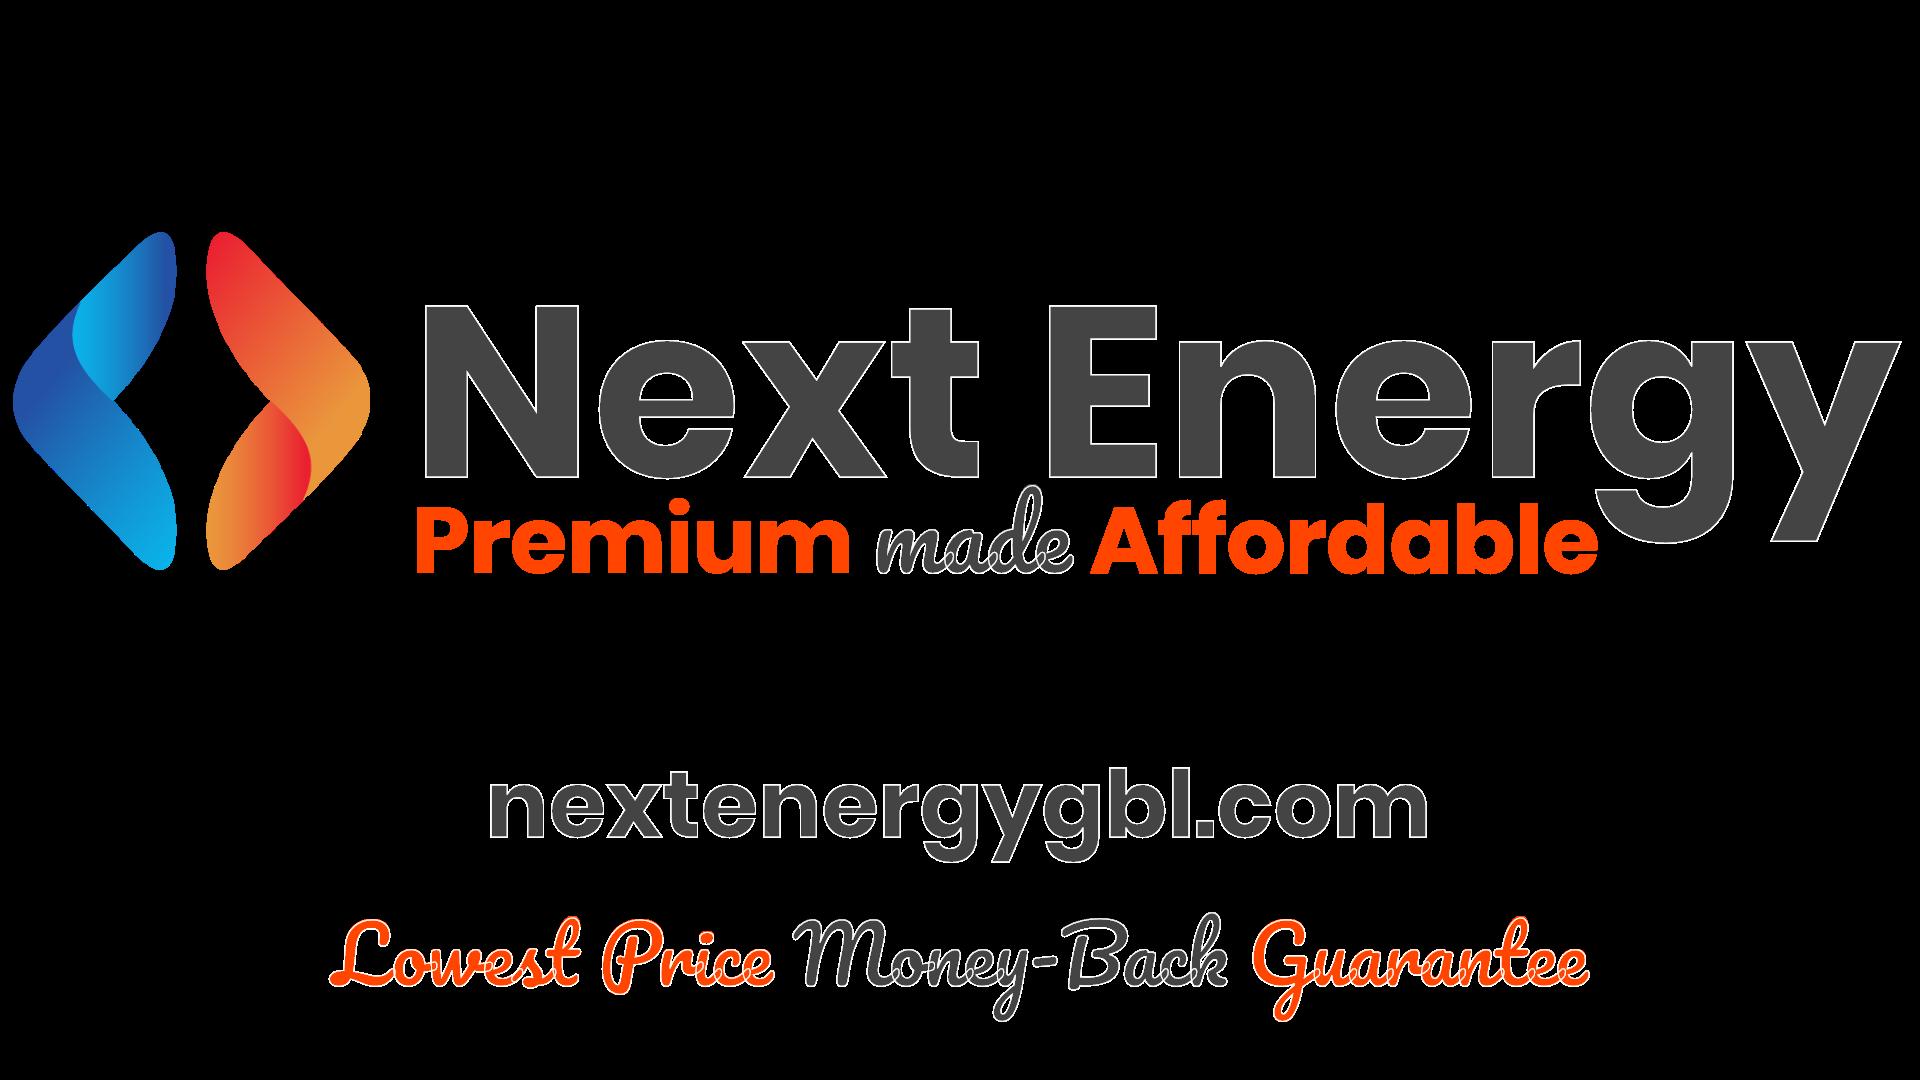 Next Energy